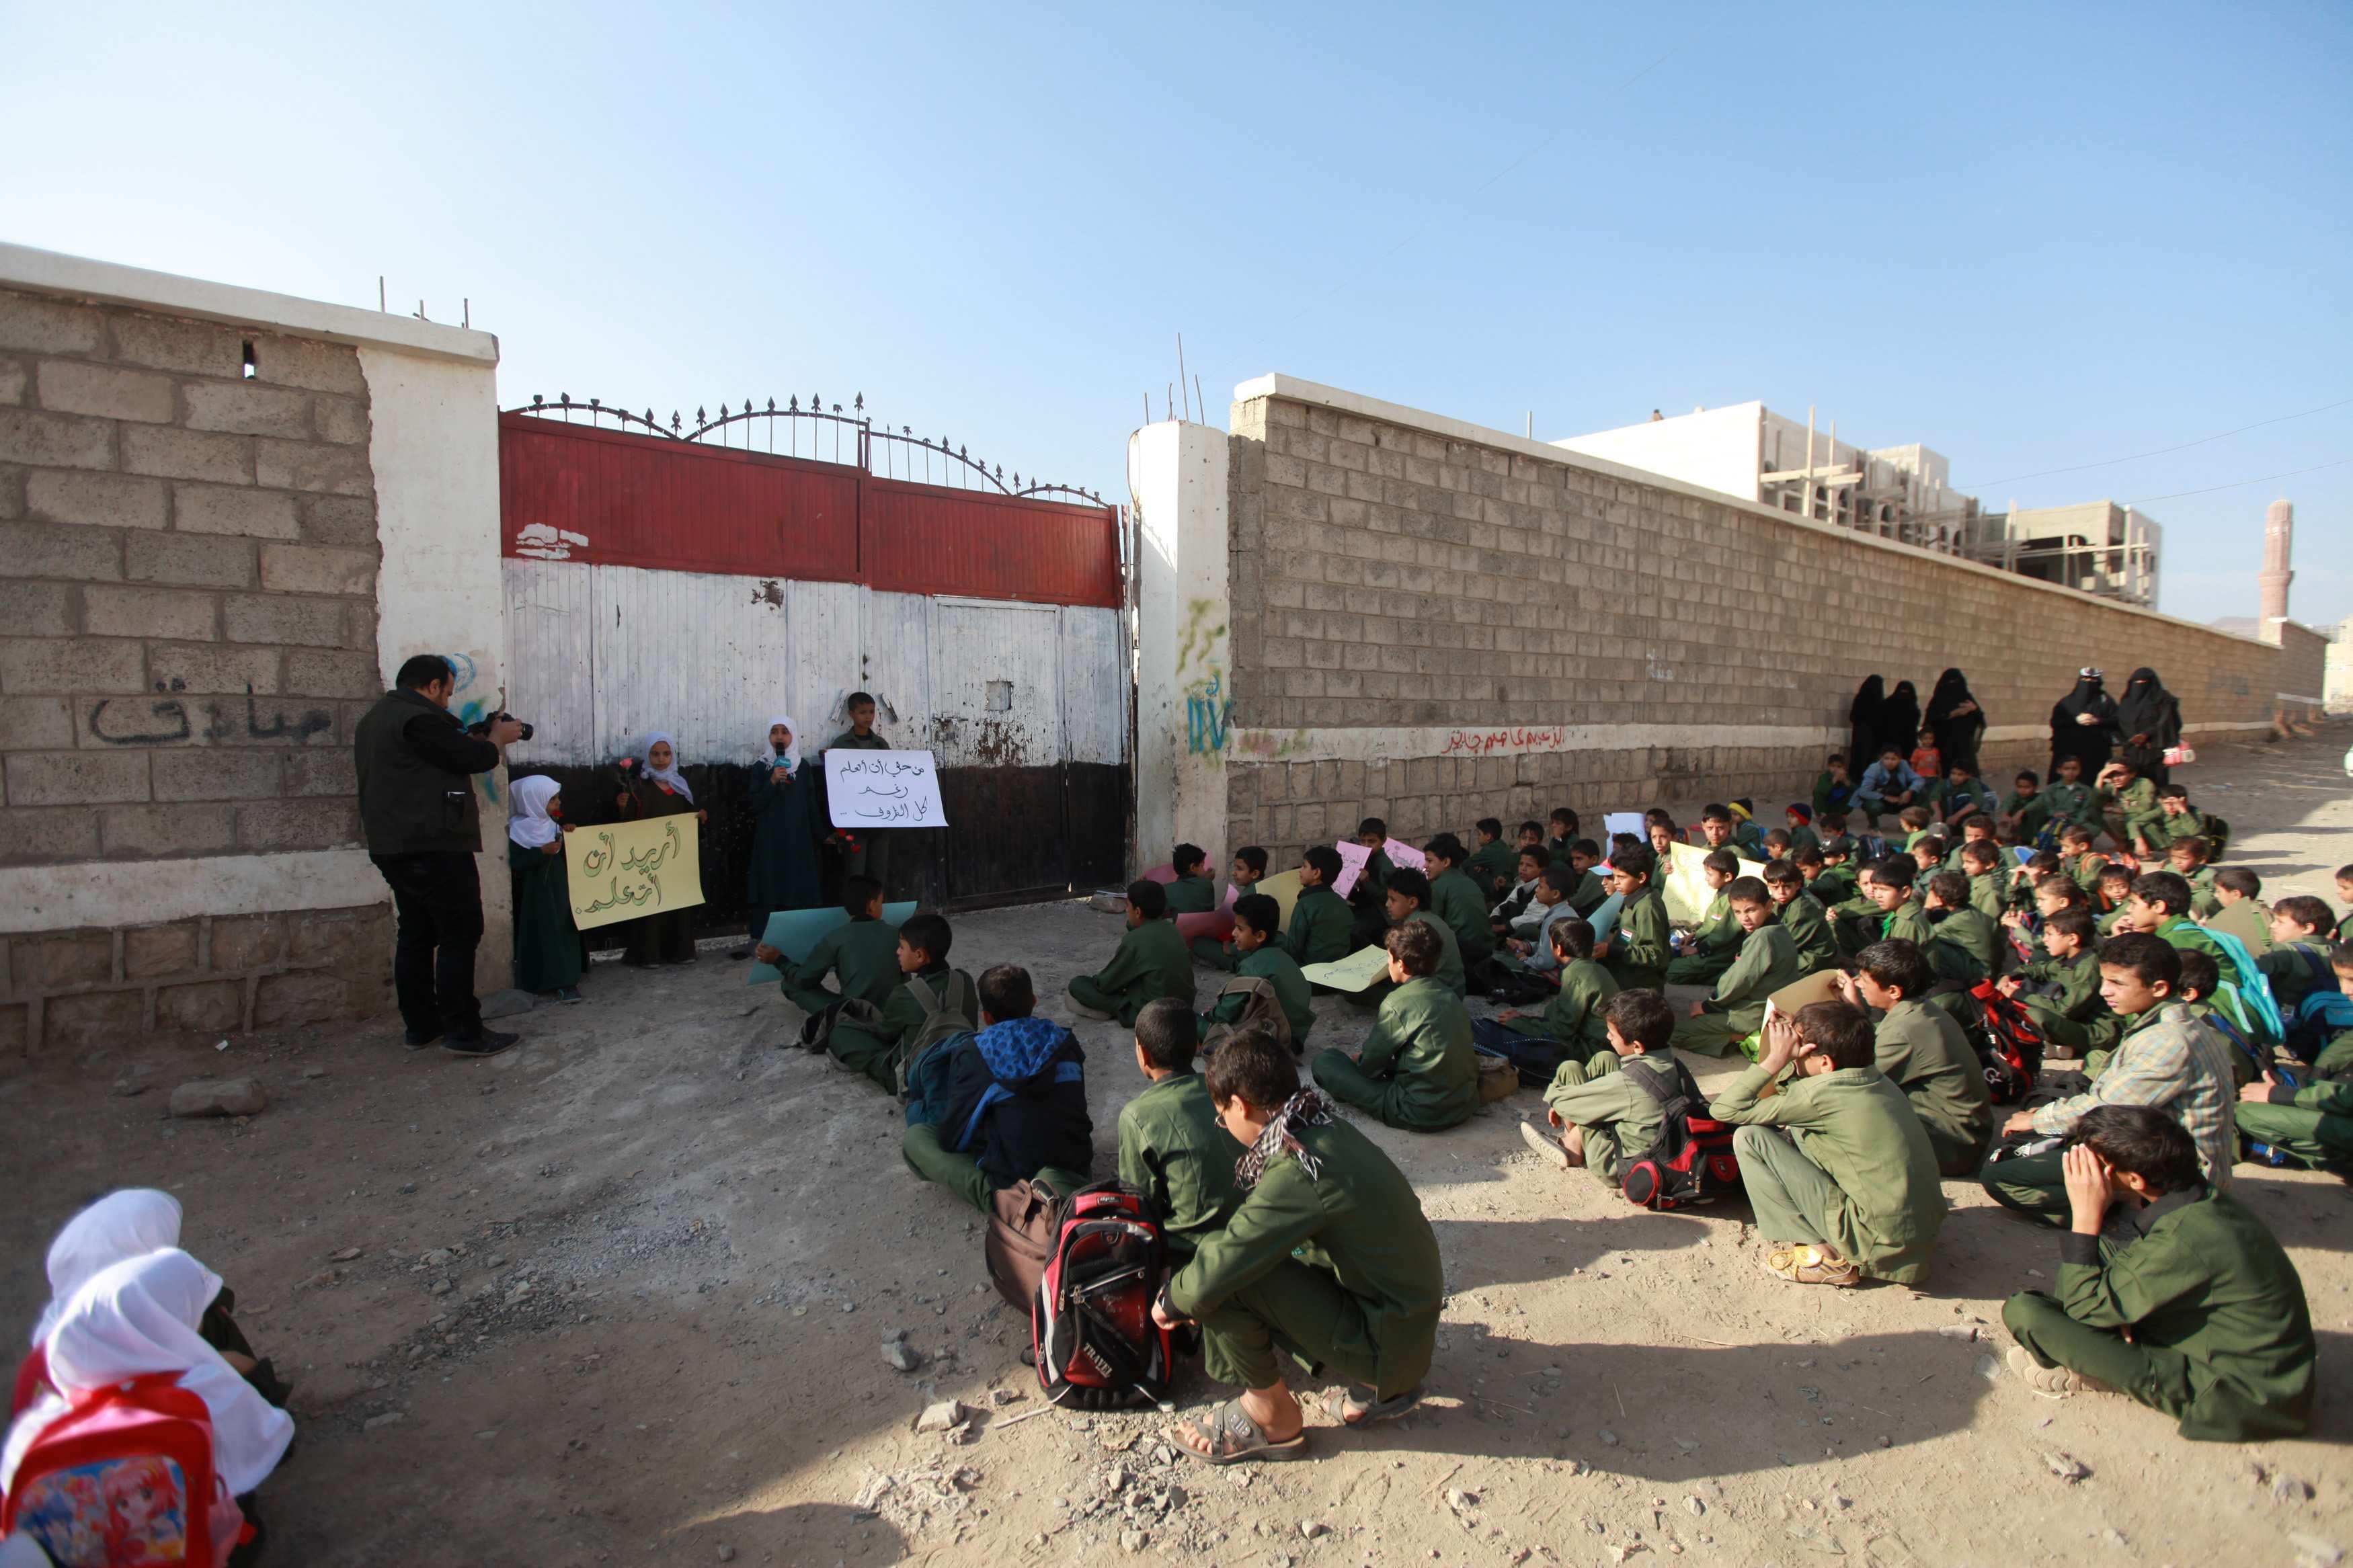 Yemeni students 'want to learn' amid Houthi crisis